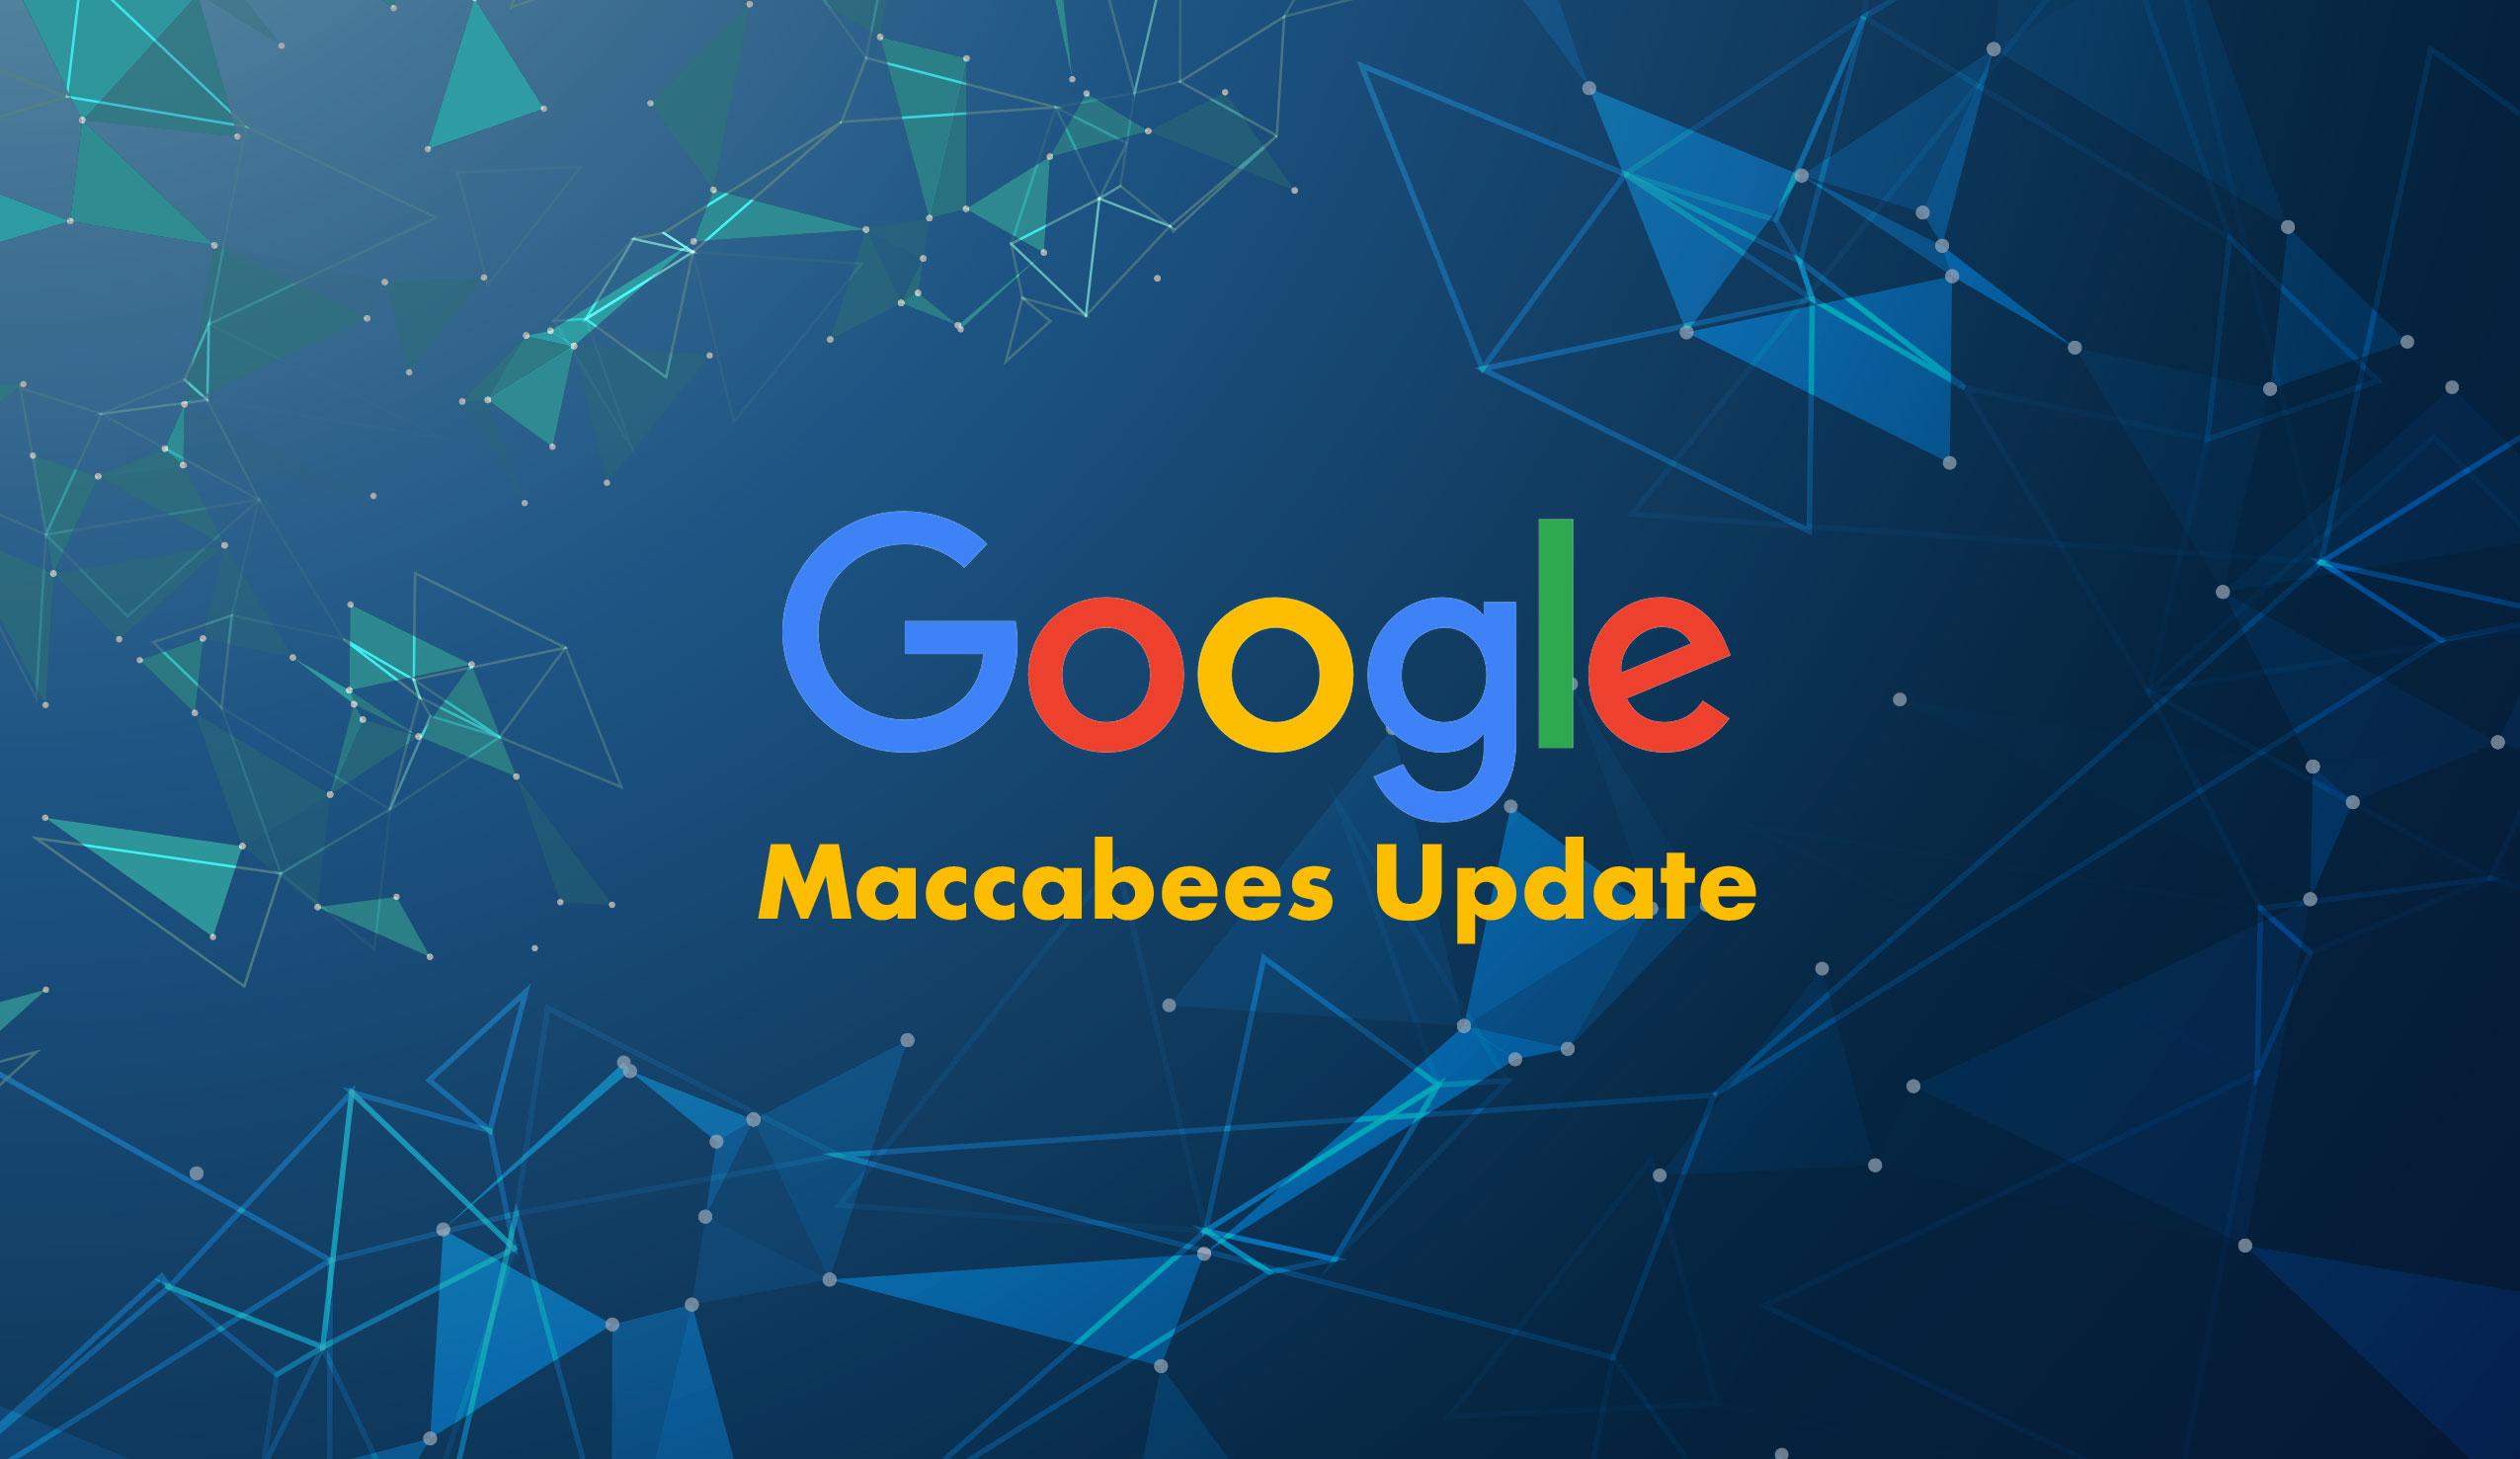 Maccabees Update, i nuovi cambiamenti dell'algoritmo di Google